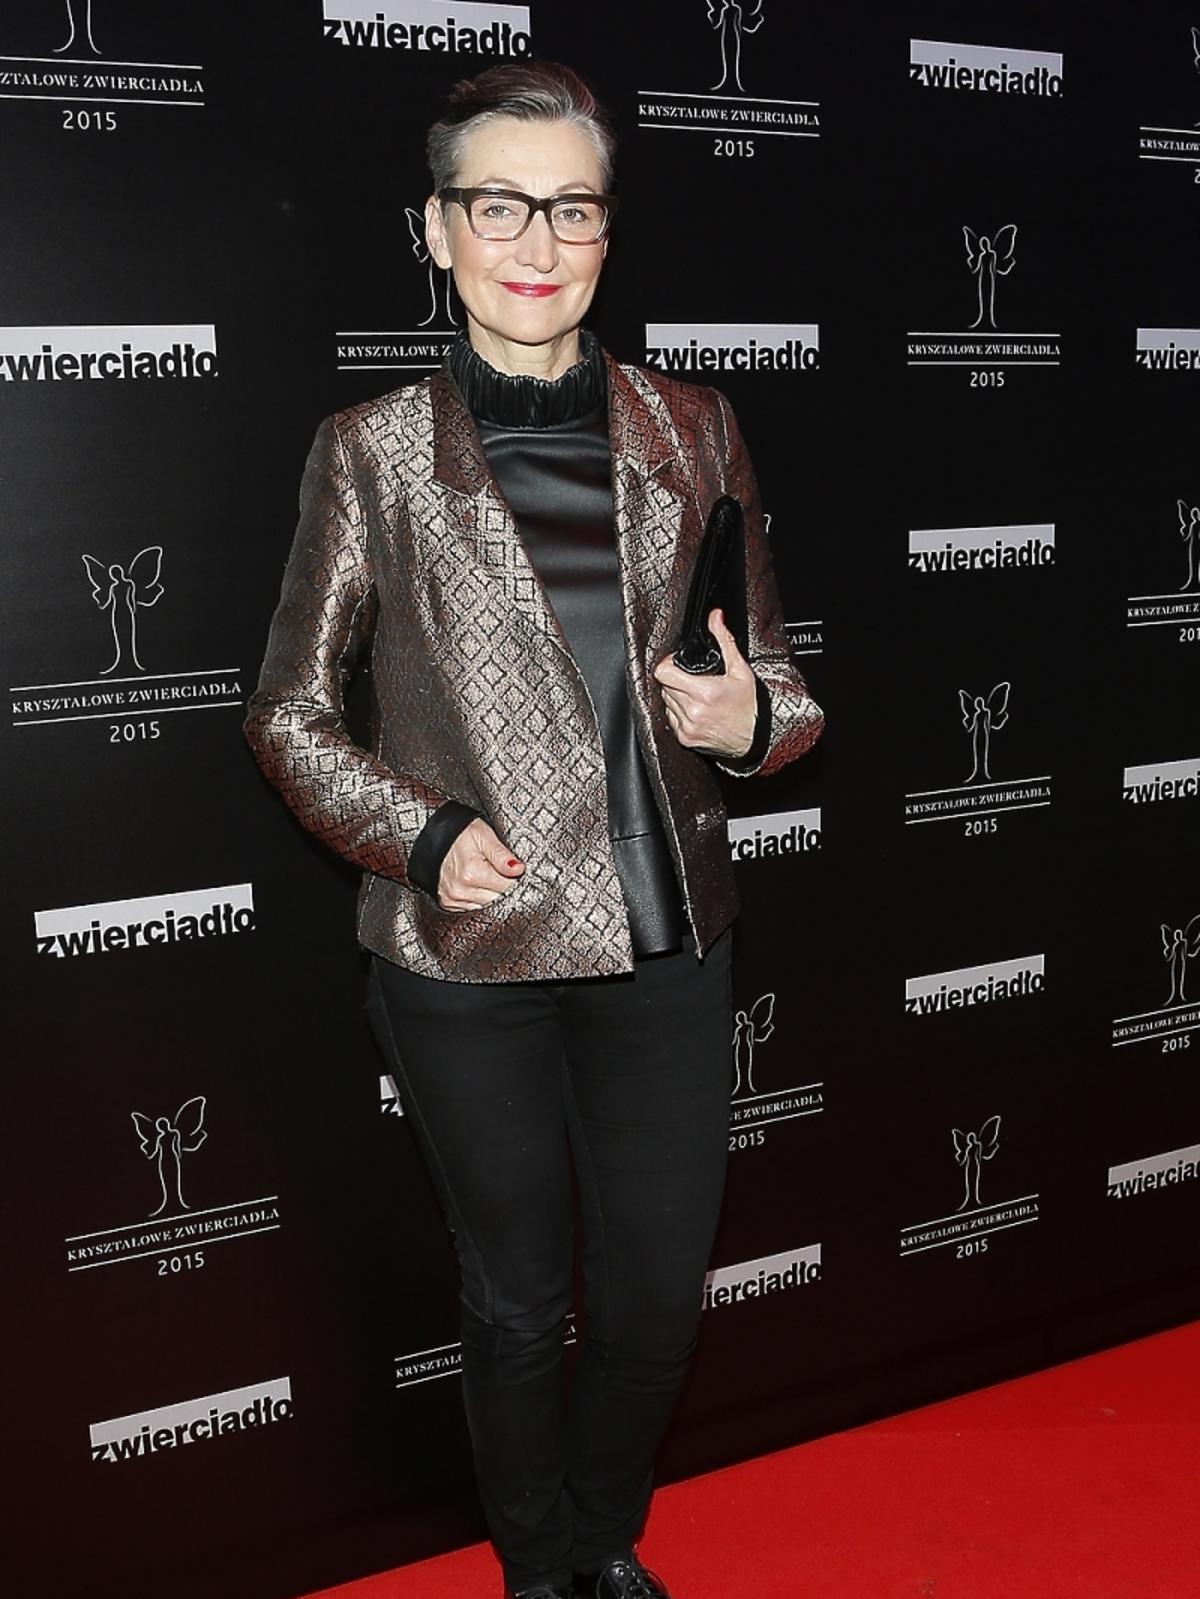 Joanna Klimas na rozdaniu nagród Kryształowe Zwierciadła